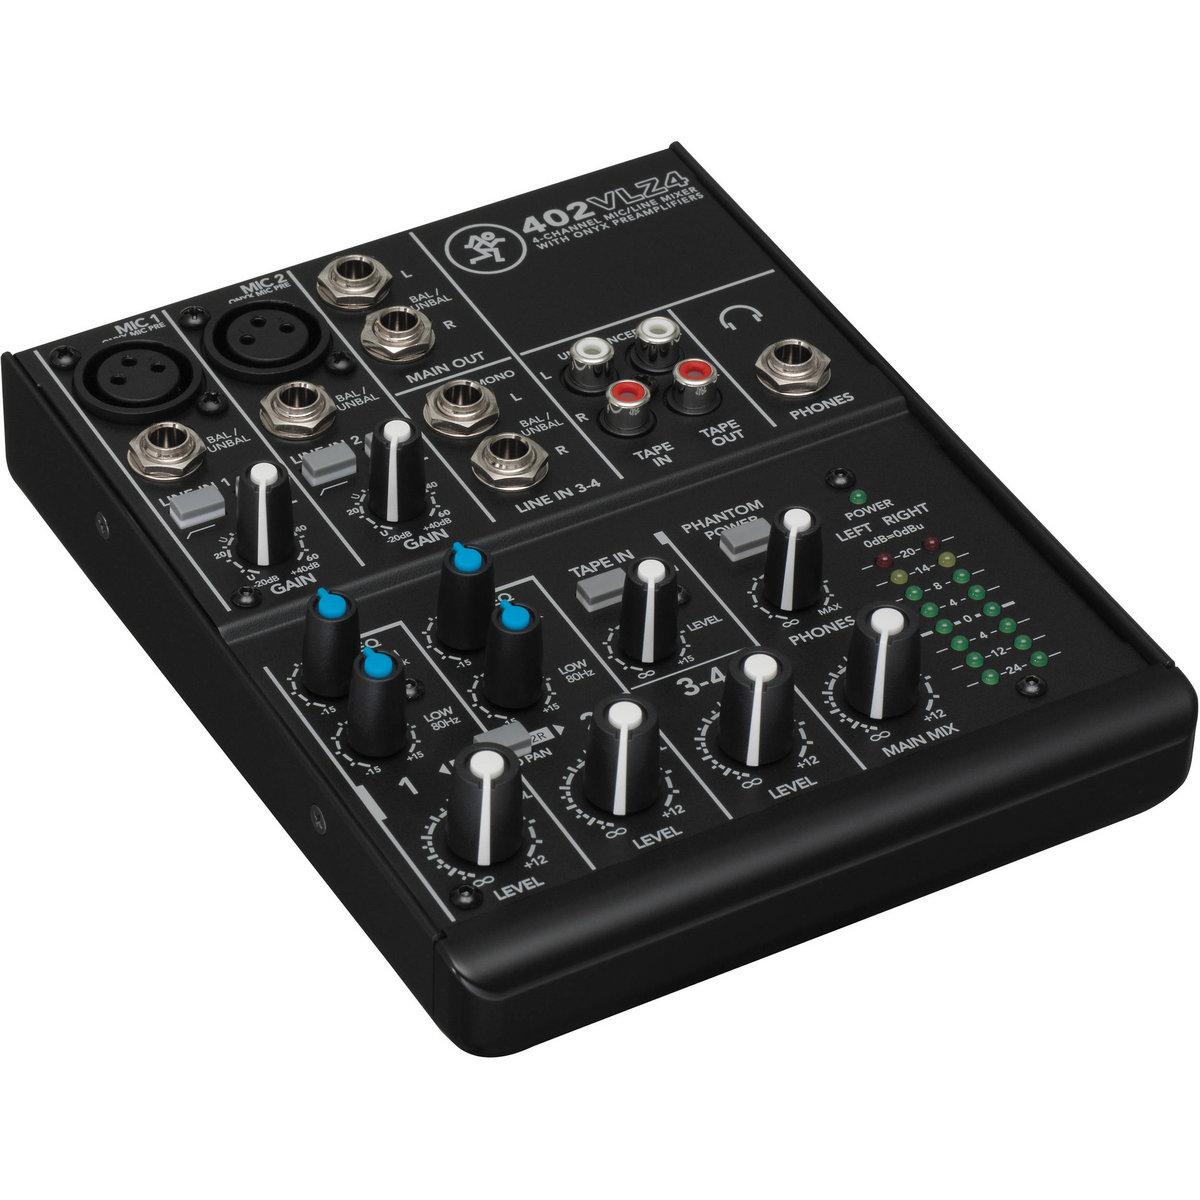 Soundplant 39 Keygen Download For Mac | nemonhipsver